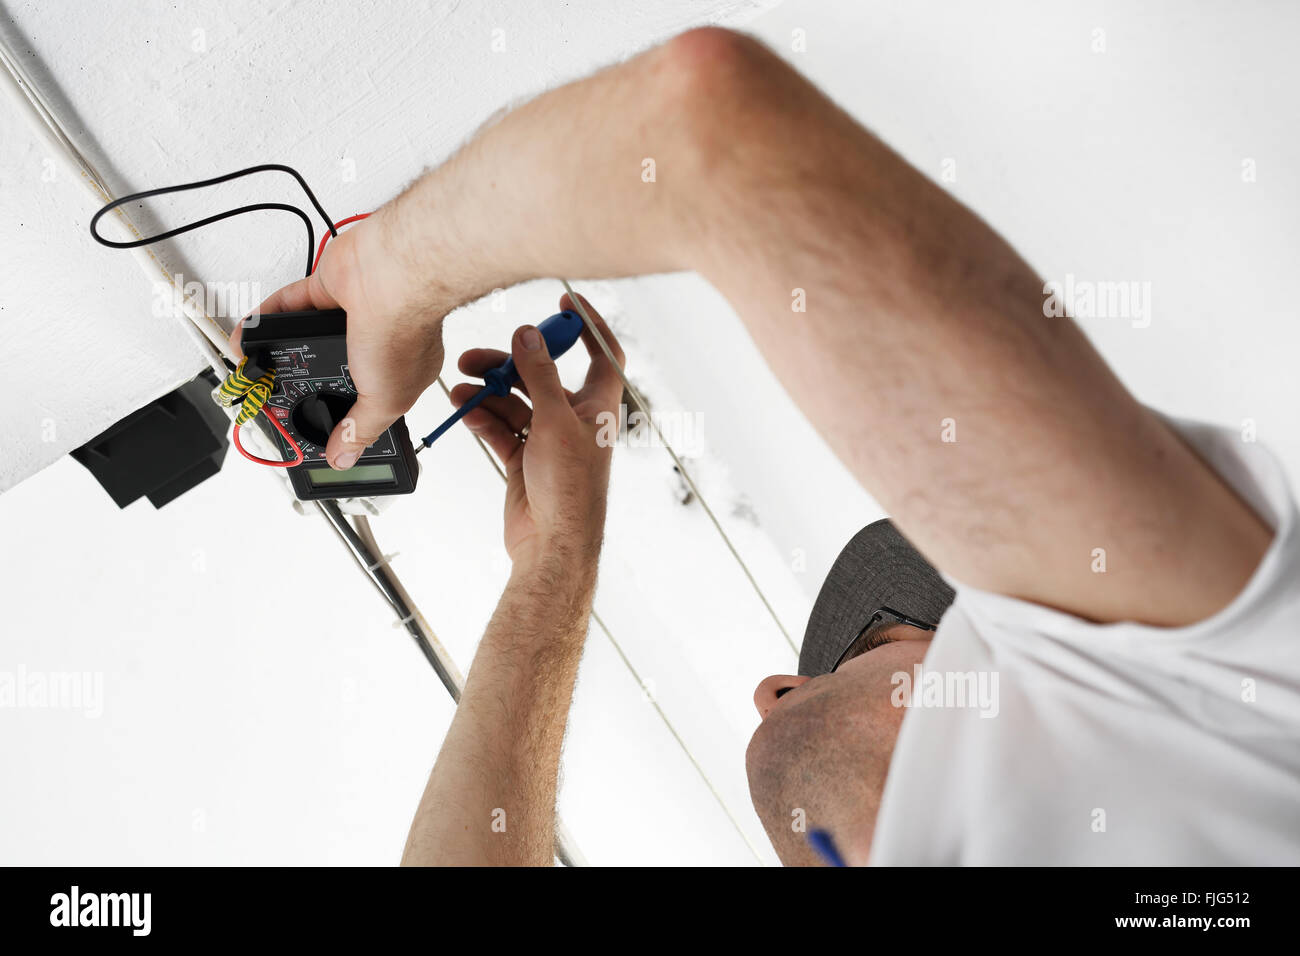 Elektriker. Installation von elektrischen Leitungen. Elektrische Reparaturen. Elektriker. Elektriker Reparaturen Stockfoto